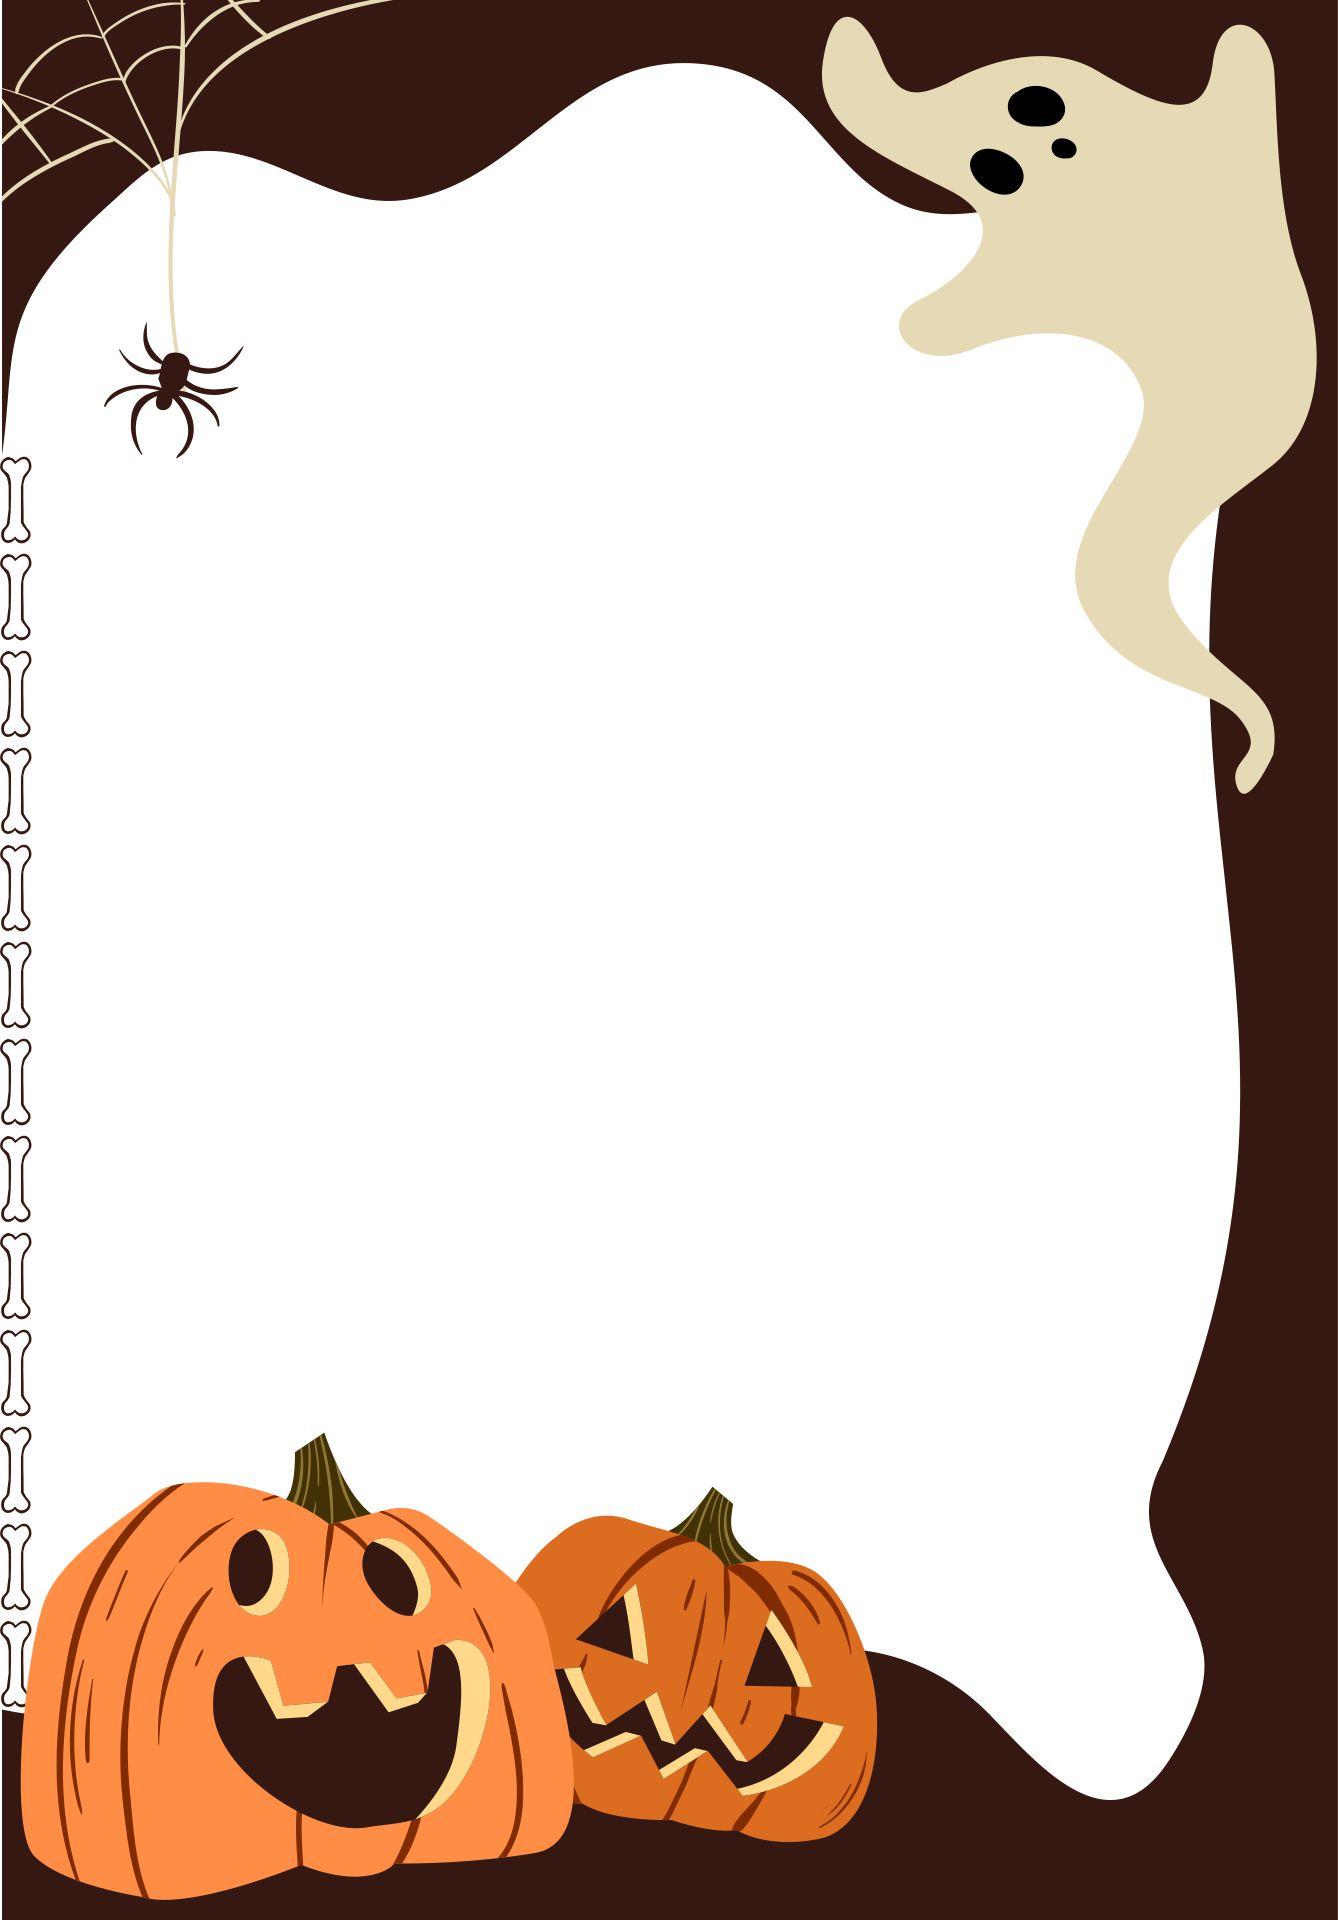 Free Halloween Clip Art Halloween Borders Pumpkins Halloween